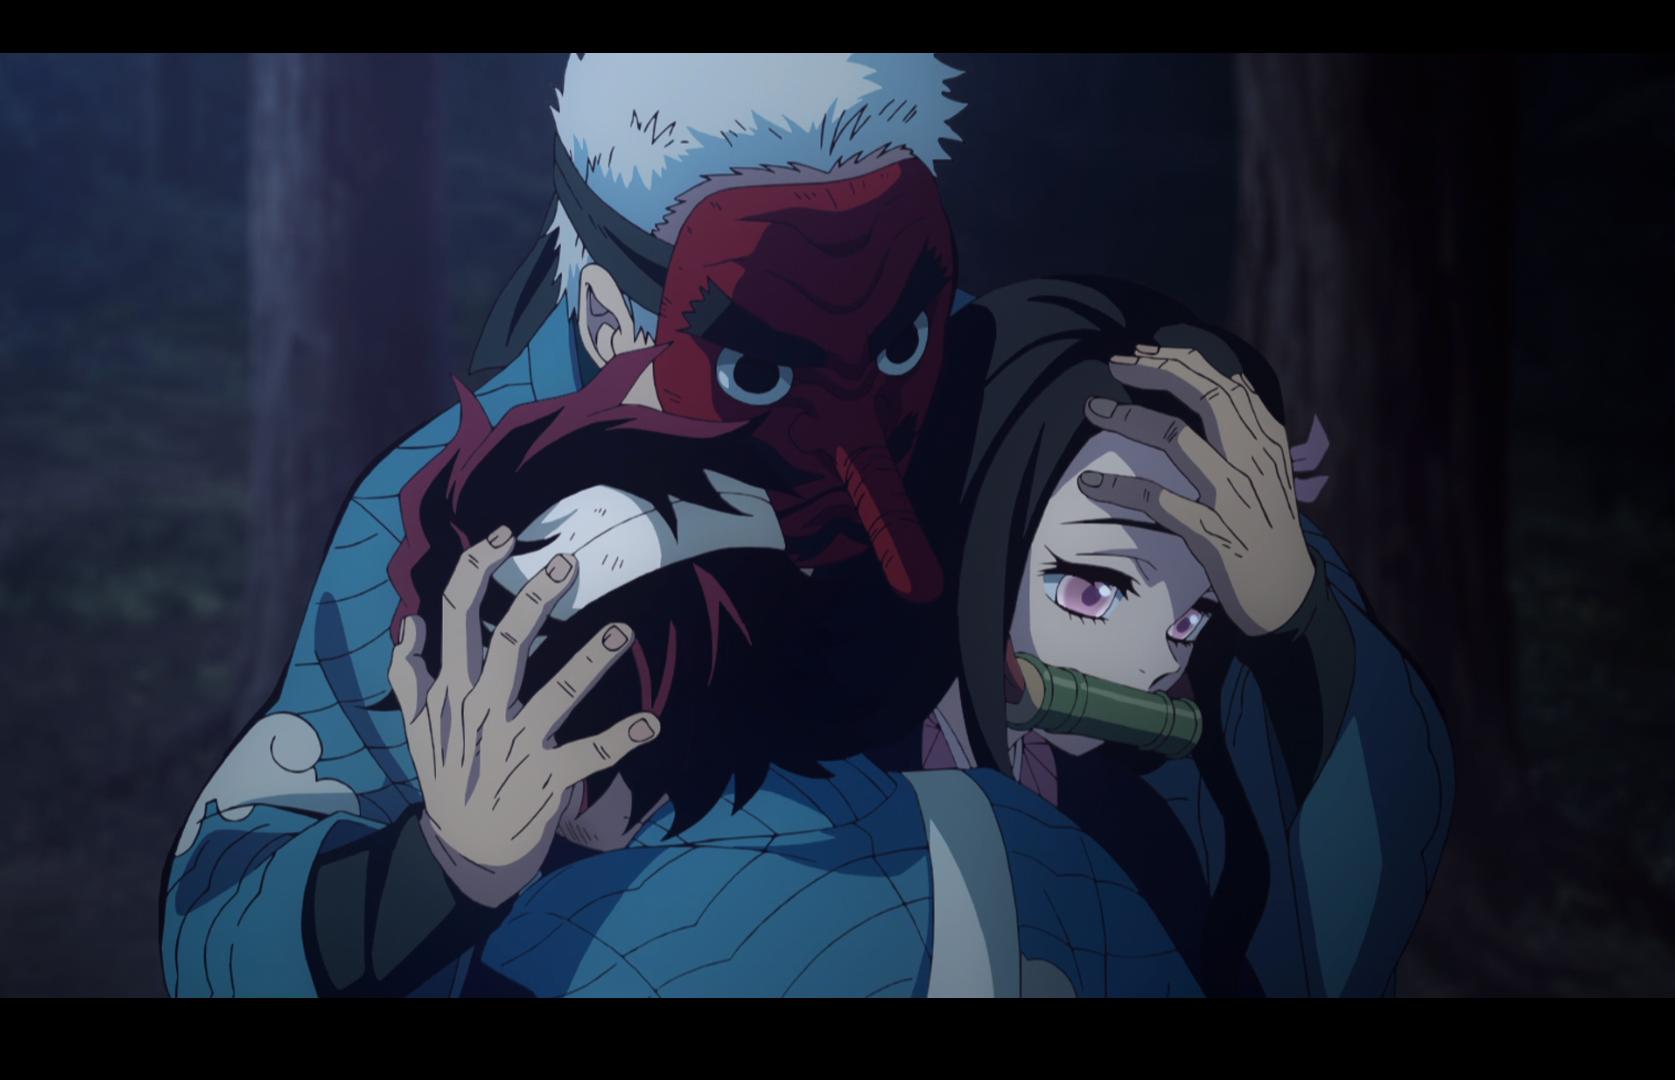 [Review] Demon Slayer Kimetsu no Yaiba Episode 5 Anime